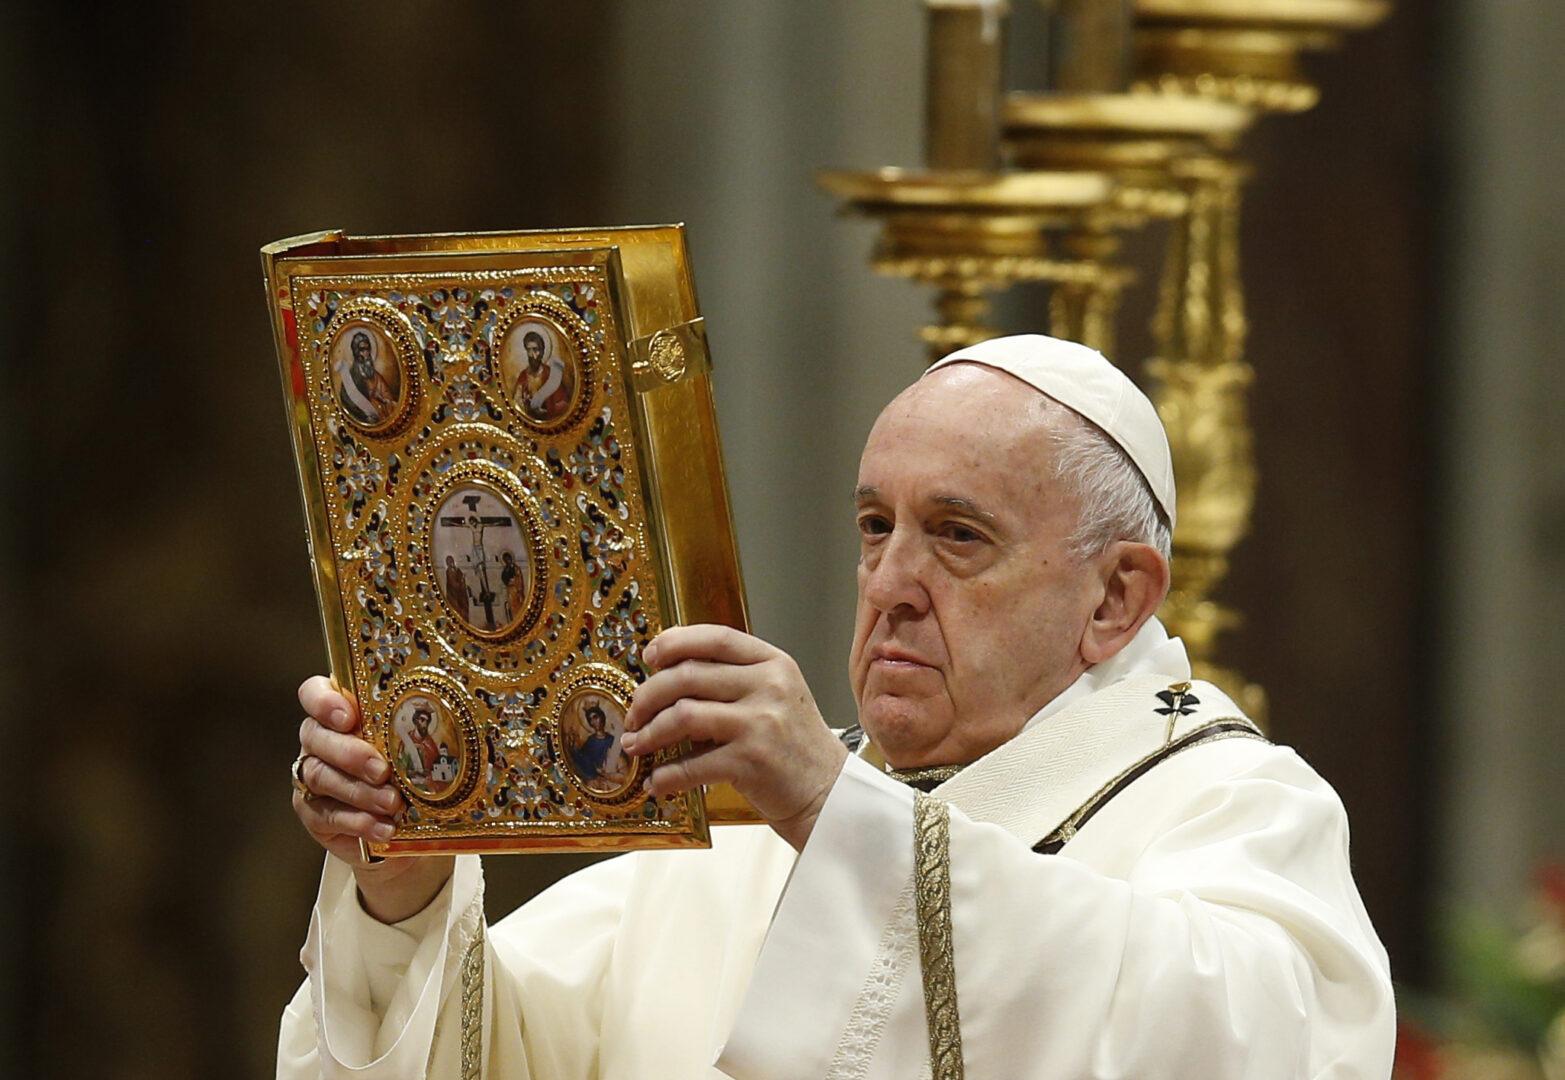 Poleg poskusa nad transparentnostjo si papež Frančišek tudi prizadeva, da bi denar, ki ga Cerkev pridobiva in upravlja, izviral iz poštenih finančnih virov.